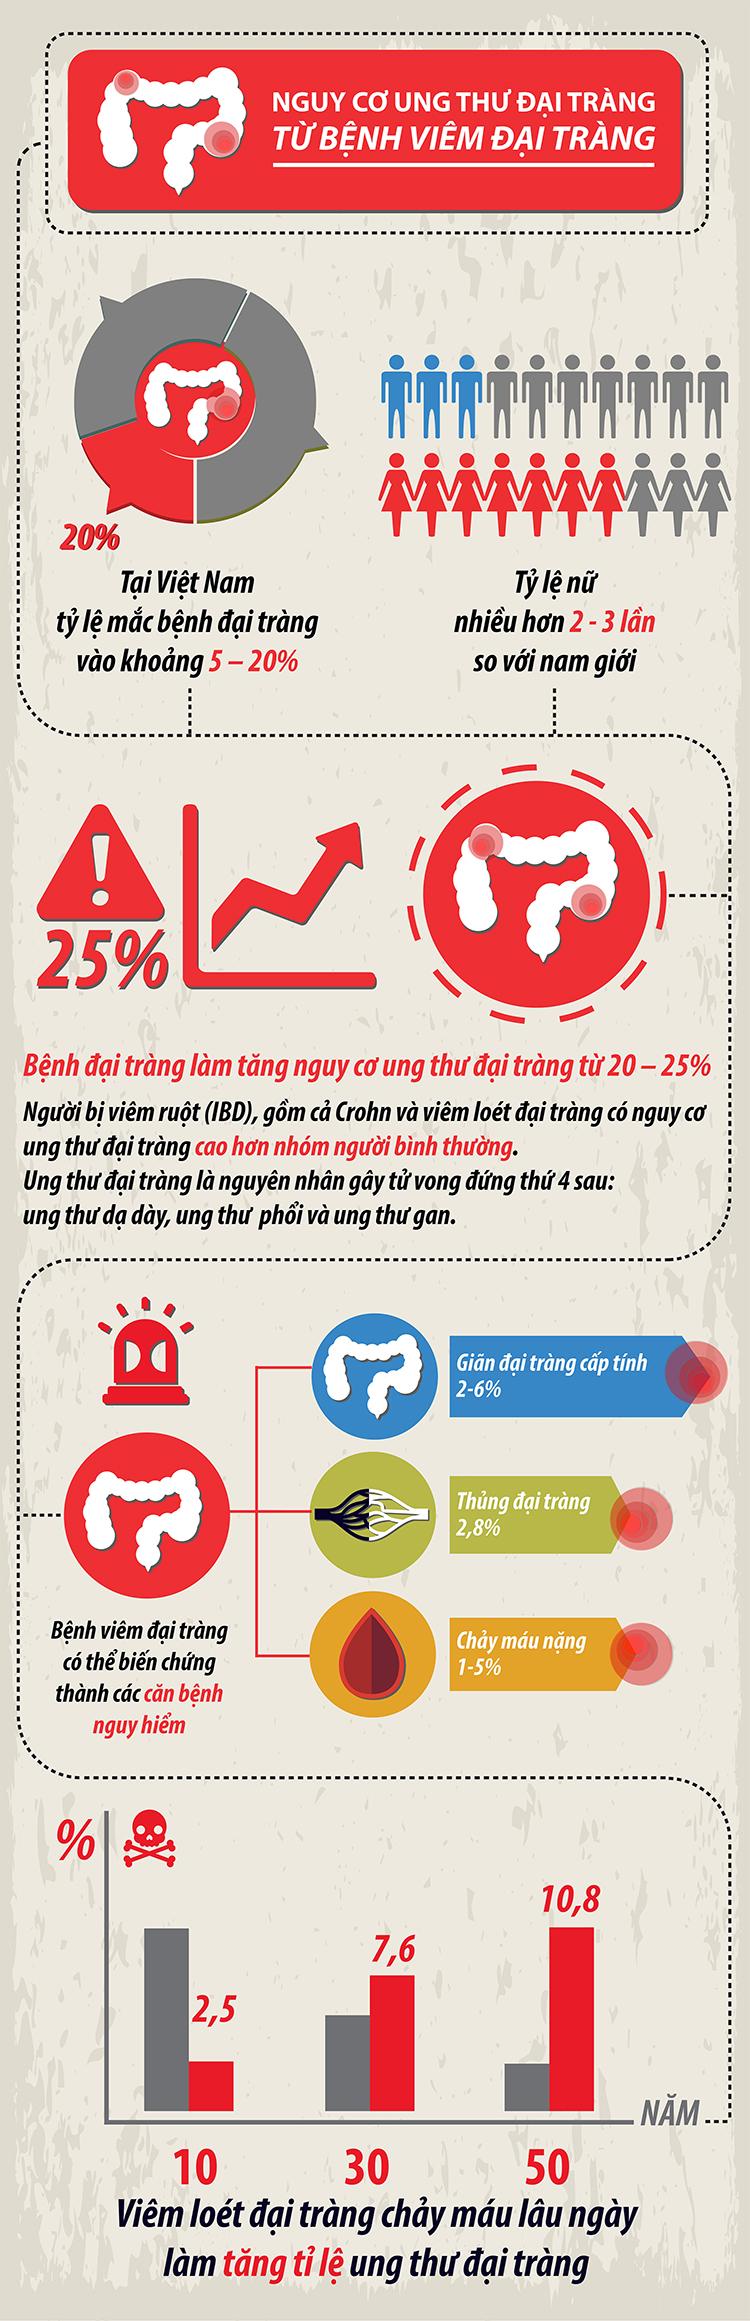 Infographic TVK V2 11 20% những người mắc bệnh viêm đại tràng có nguy cơ ung thư đại tràng